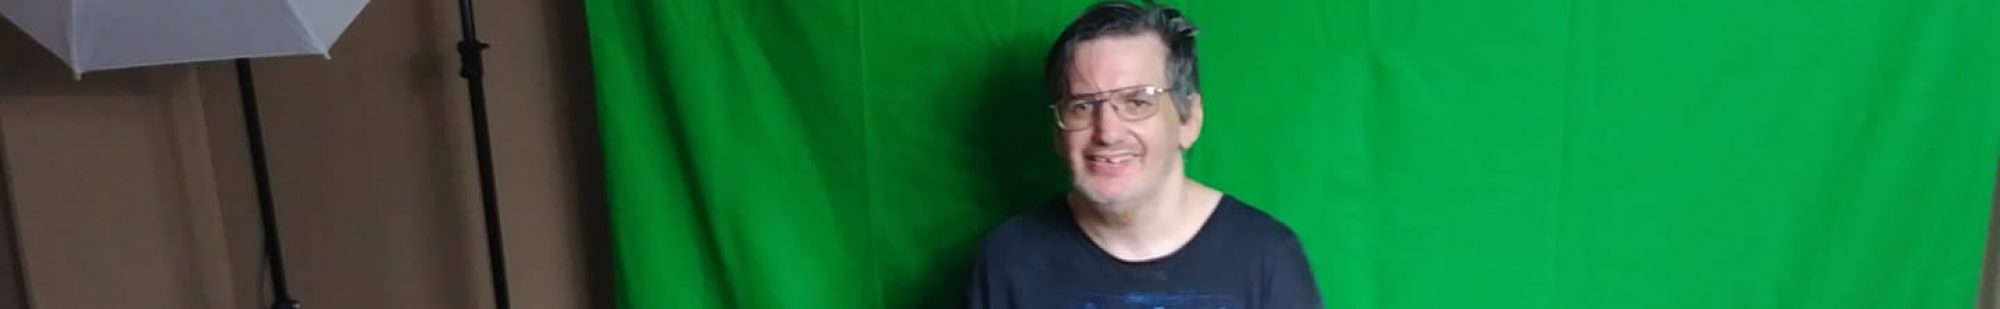 Mark Backs